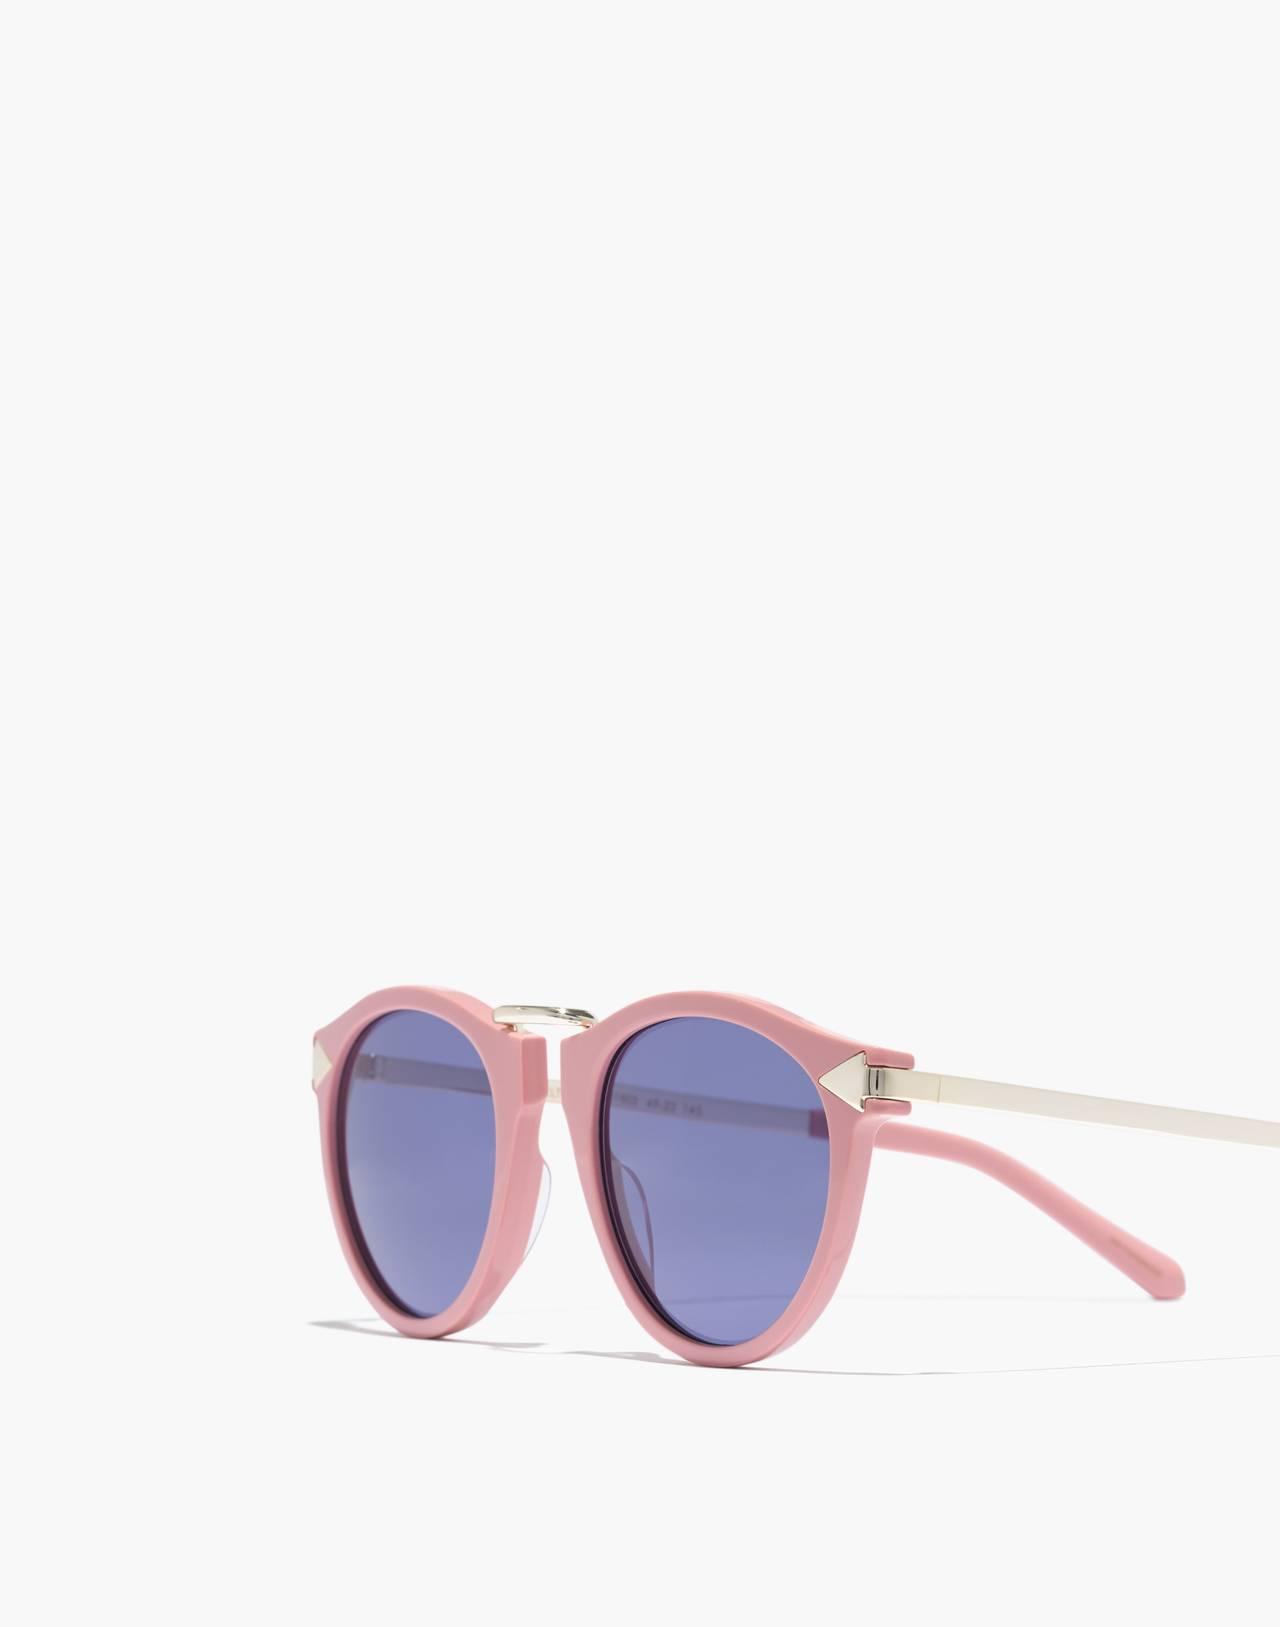 Madewell x Karen Walker® Helter Skelter Sunglasses in shiny pink image 2